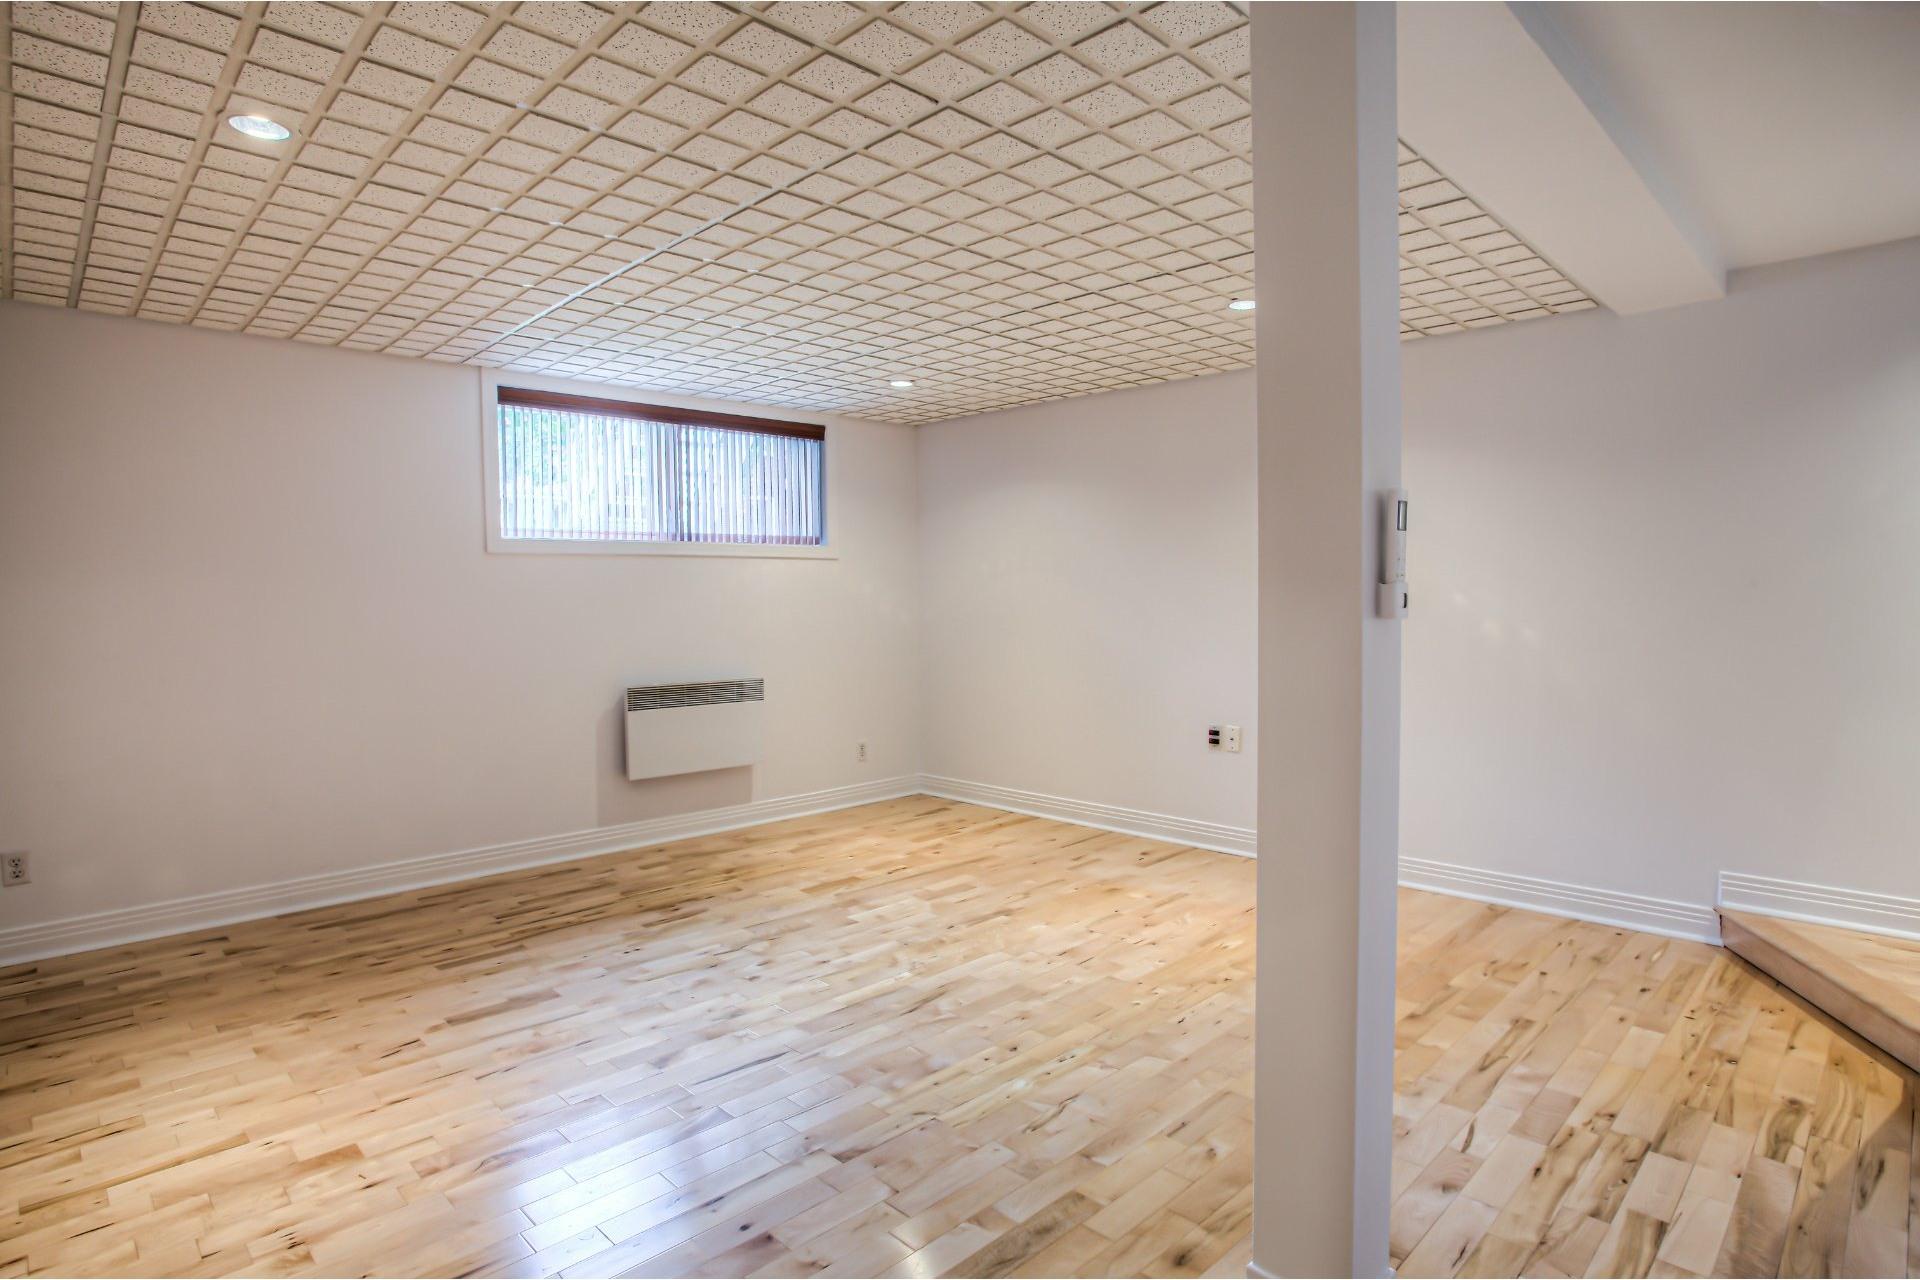 image 21 - Duplex À vendre Le Sud-Ouest Montréal  - 7 pièces